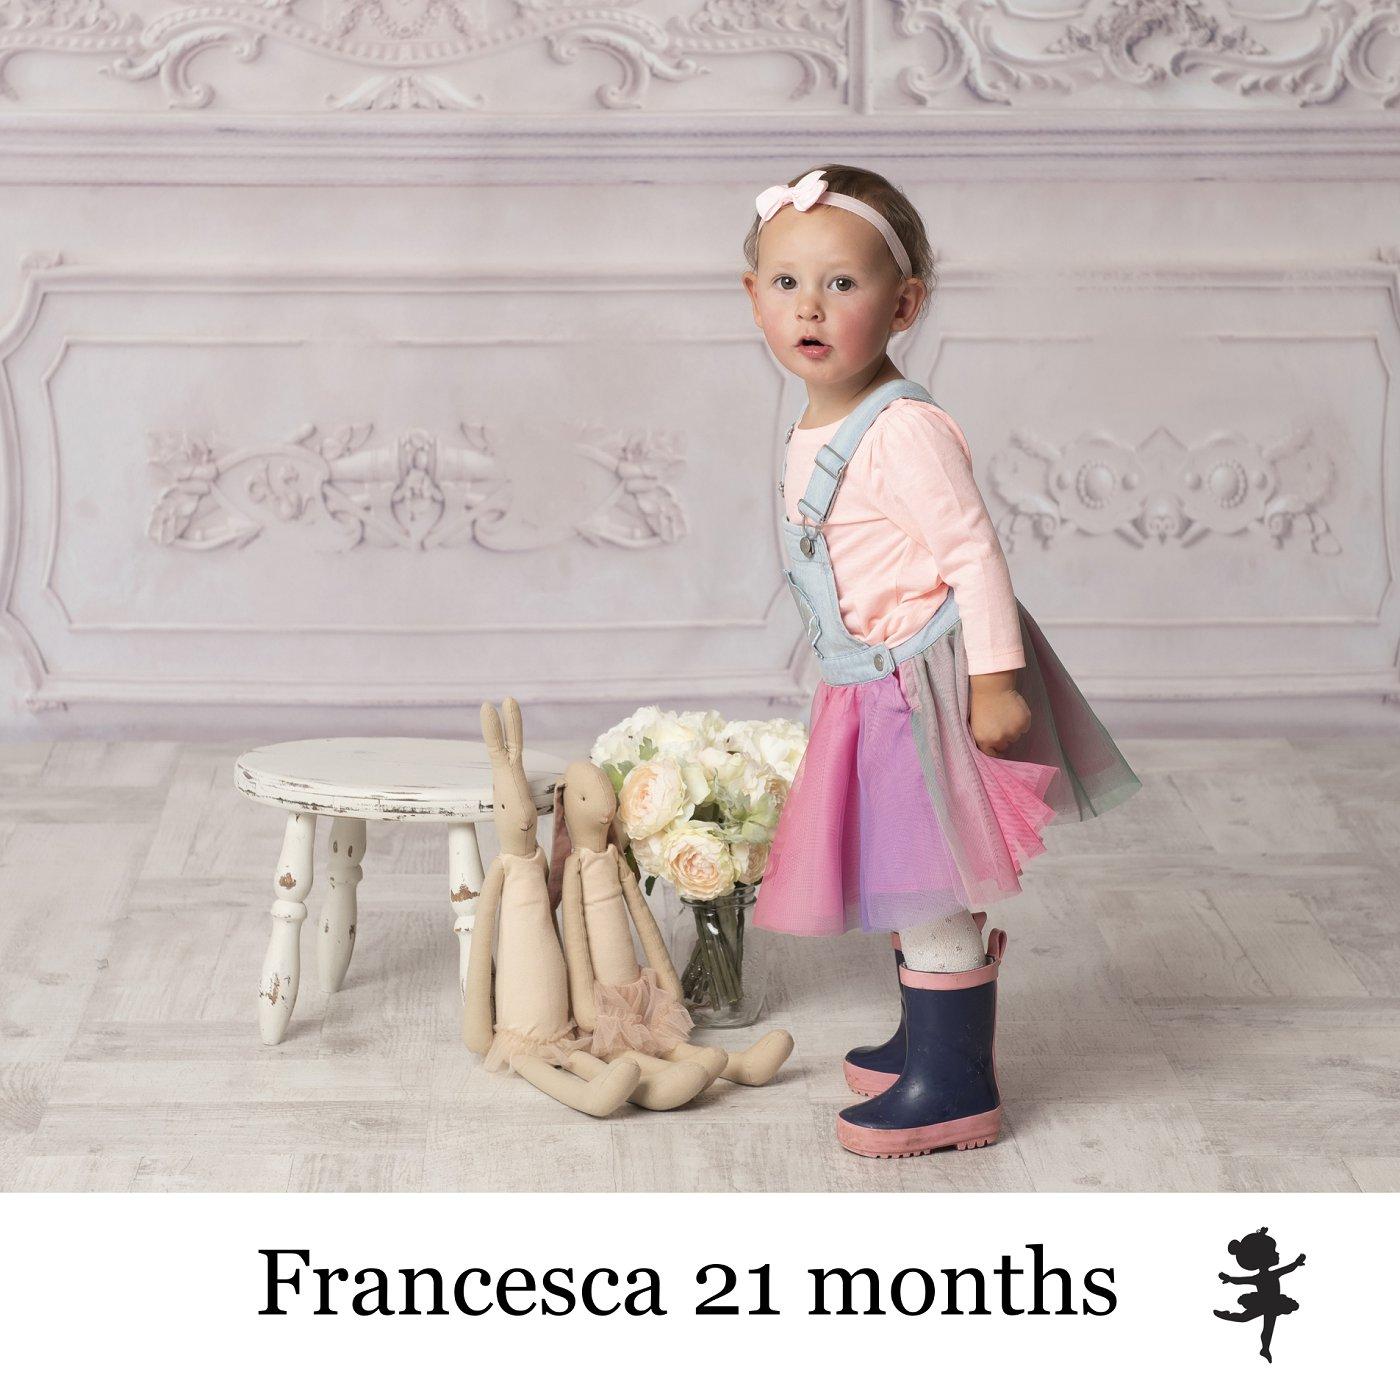 LB12219-Francesca 21mths.jpg